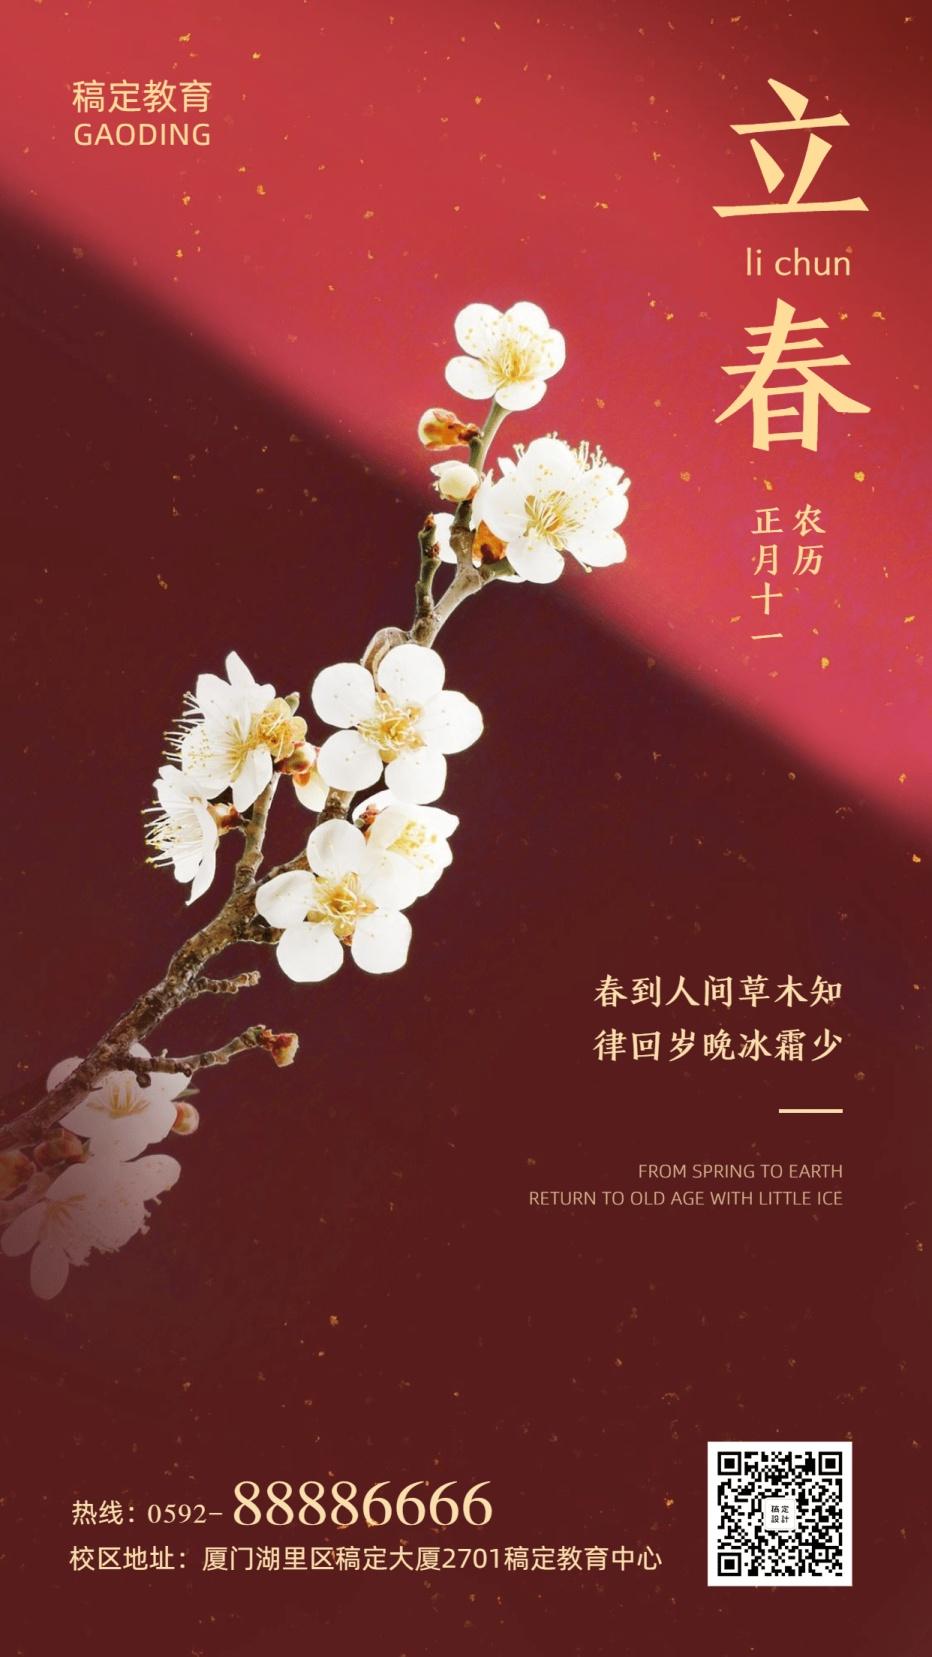 立春实景梅花喜庆手机海报